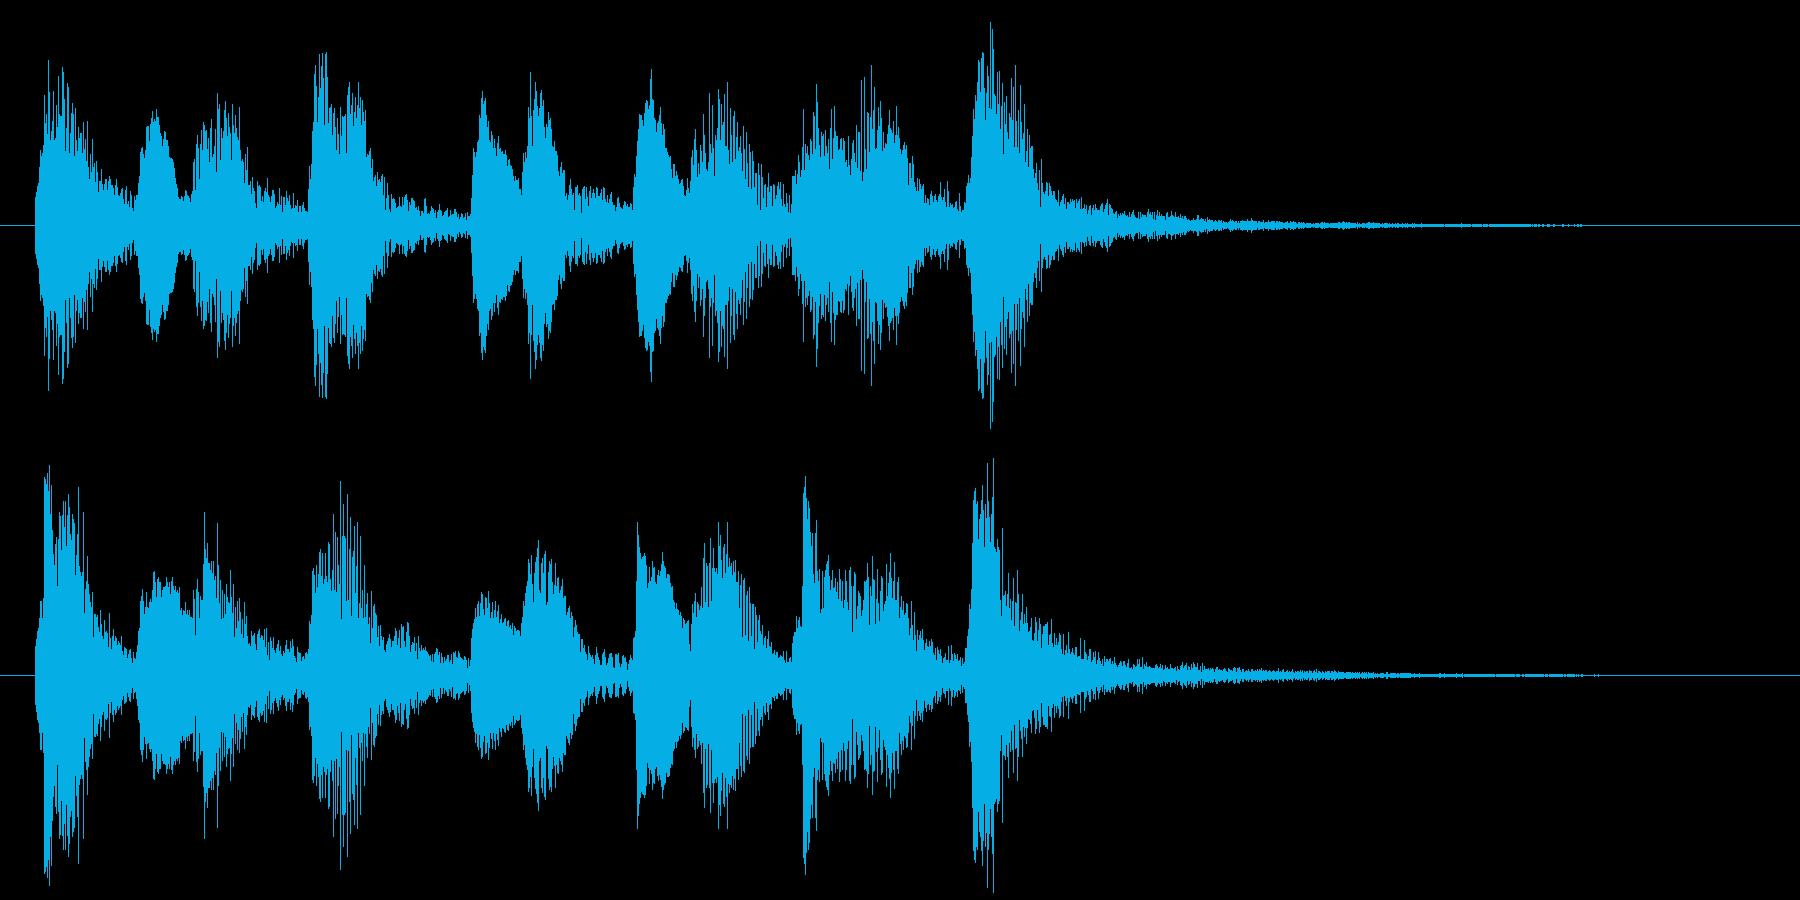 ストリングスのピチカートが可愛いジングルの再生済みの波形